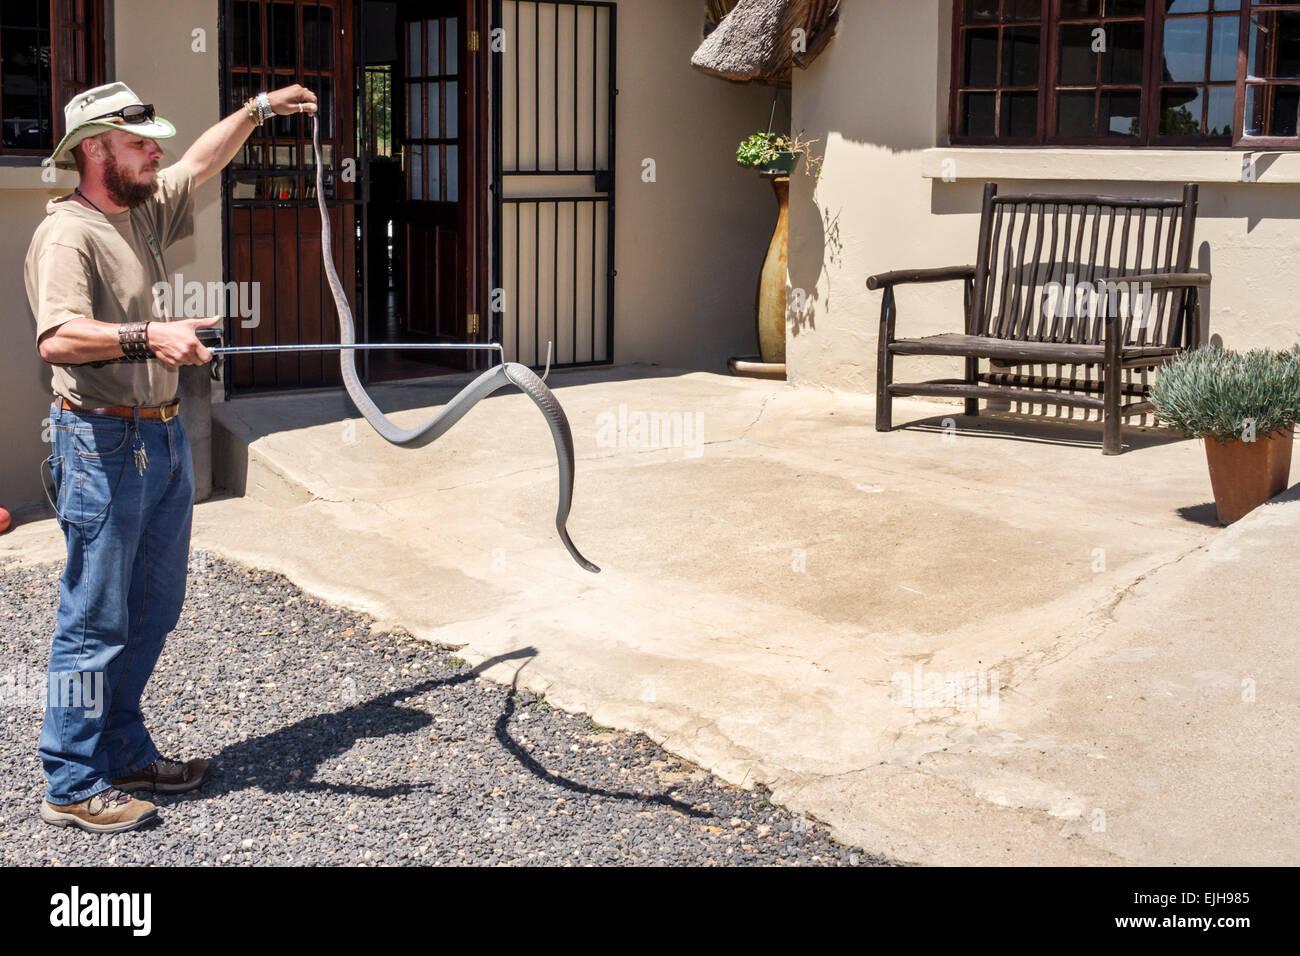 Afrique Afrique du Sud Johannesburg Ville Croc & Crocodile et Reptile Park farm man watching employé soigneur Photo Stock